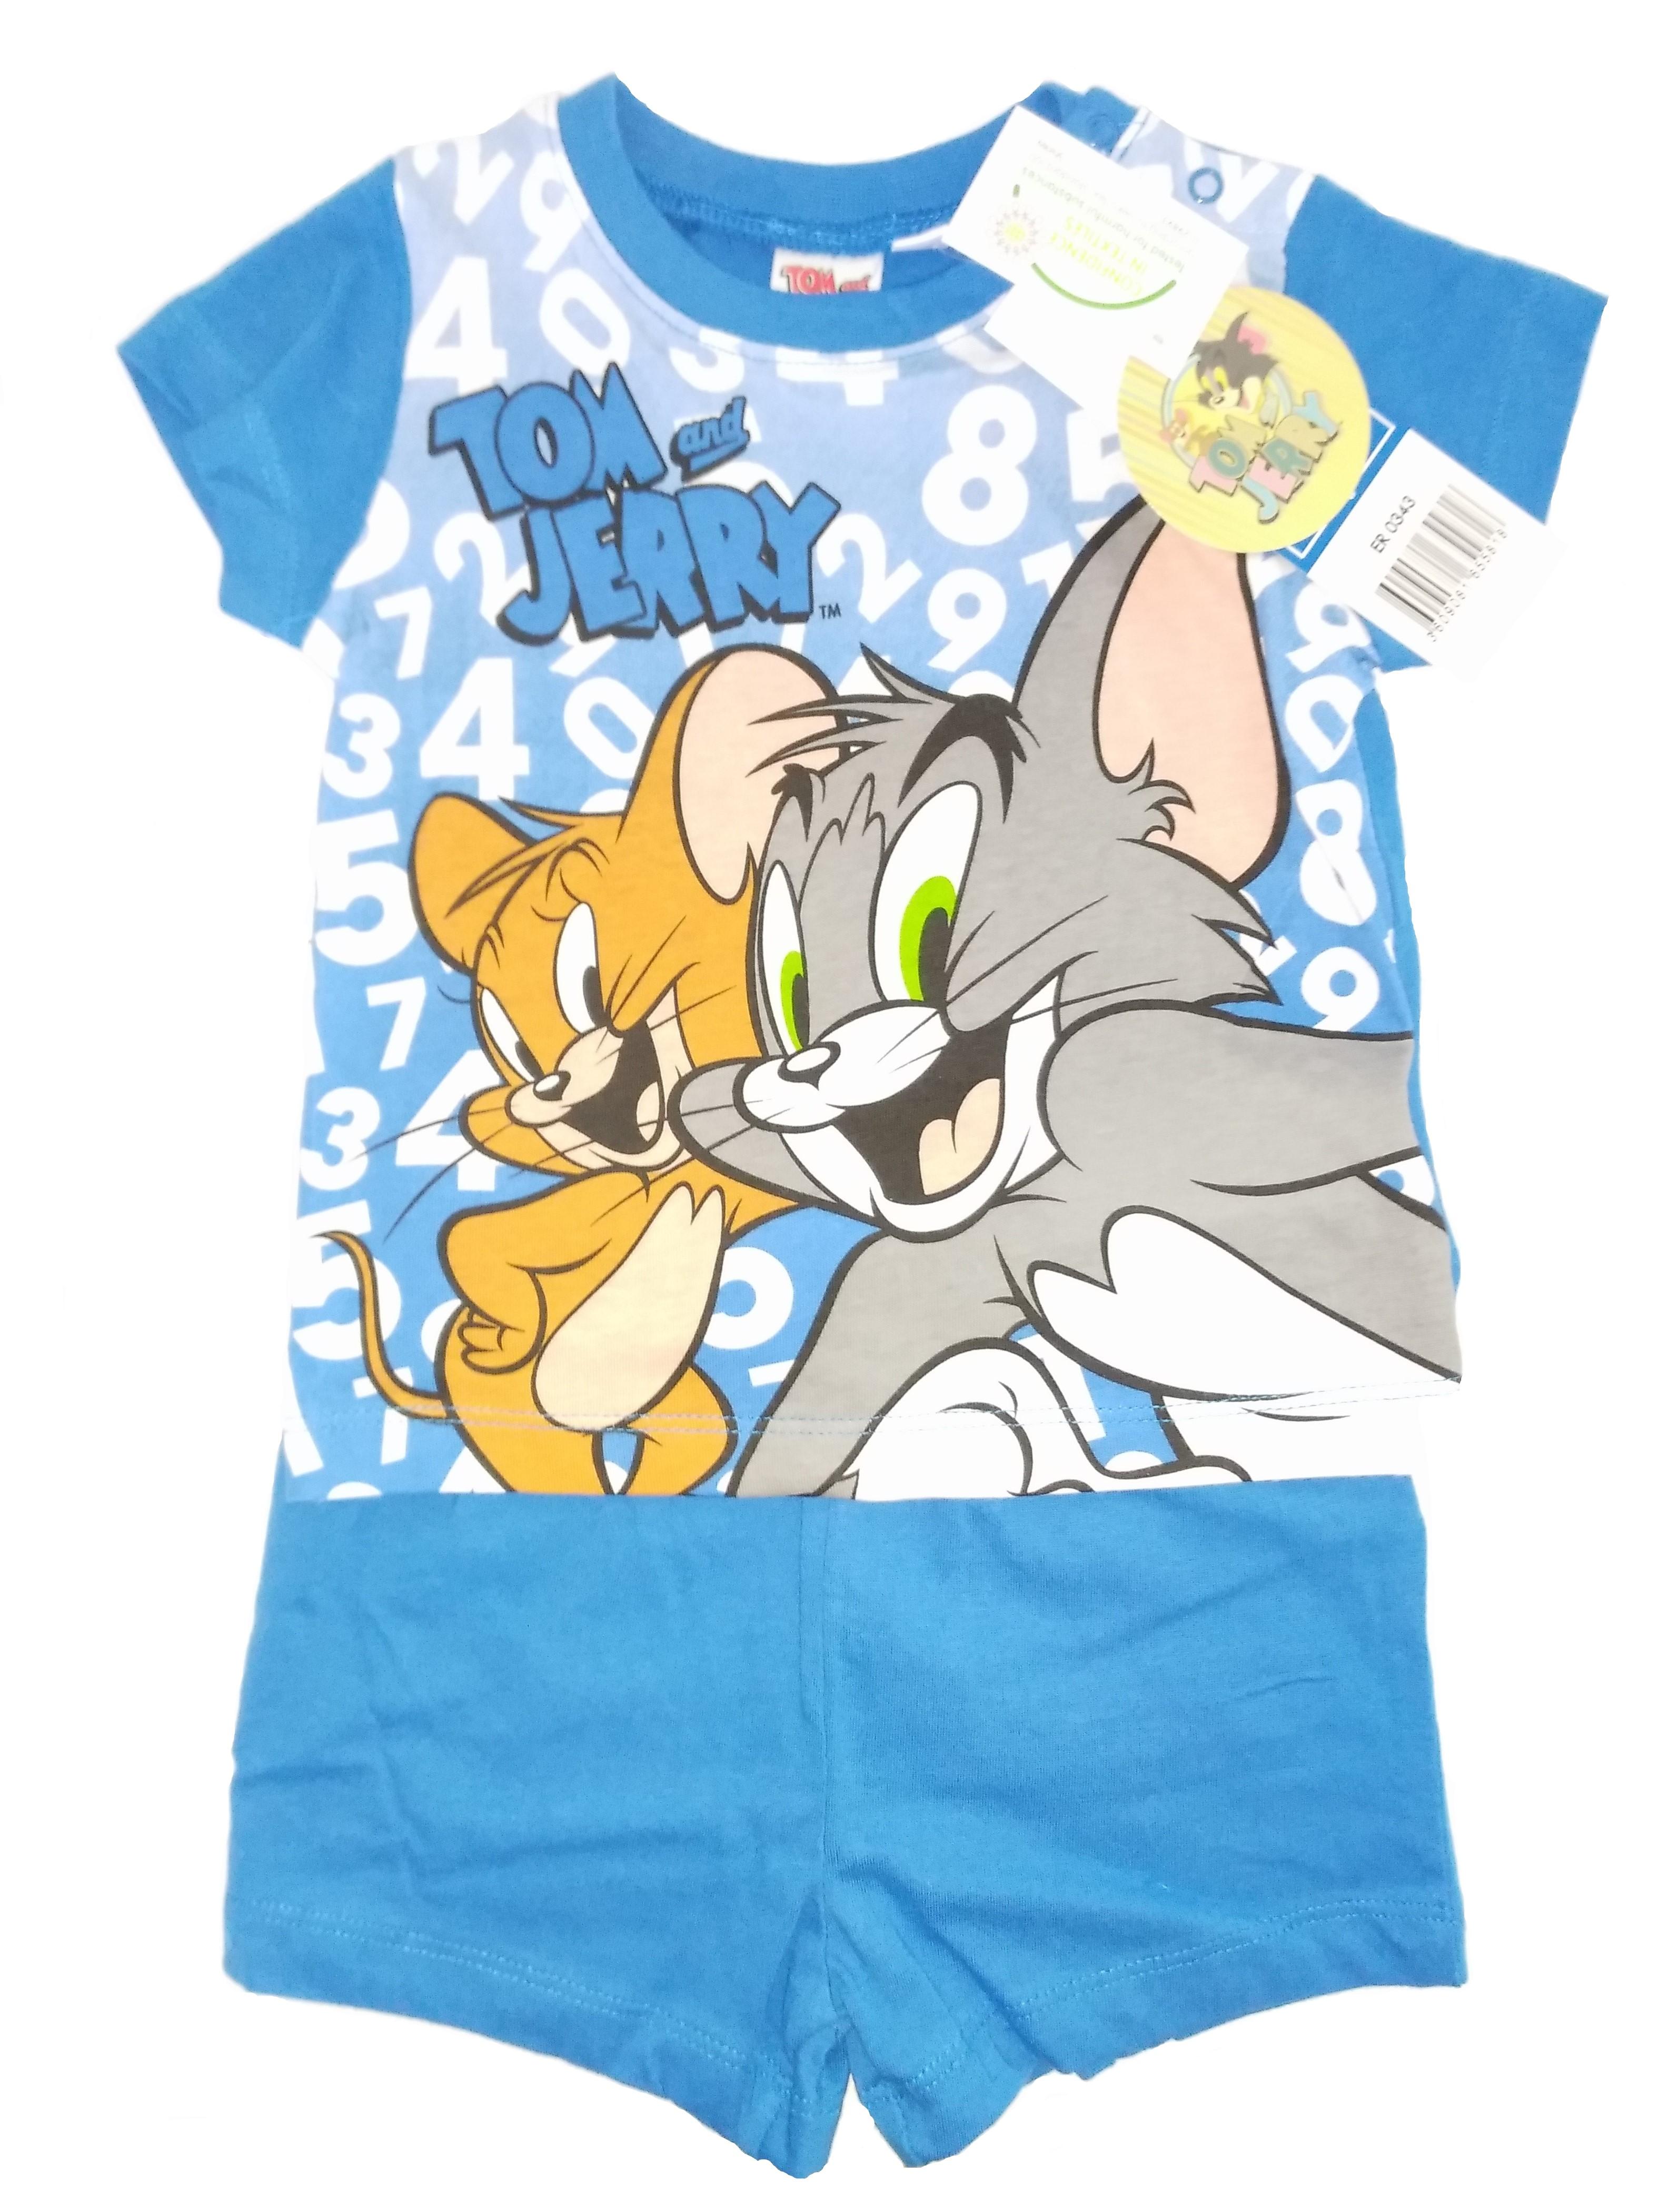 Tom & Jerry Pyjama für Kinder Blau (Auswahl)